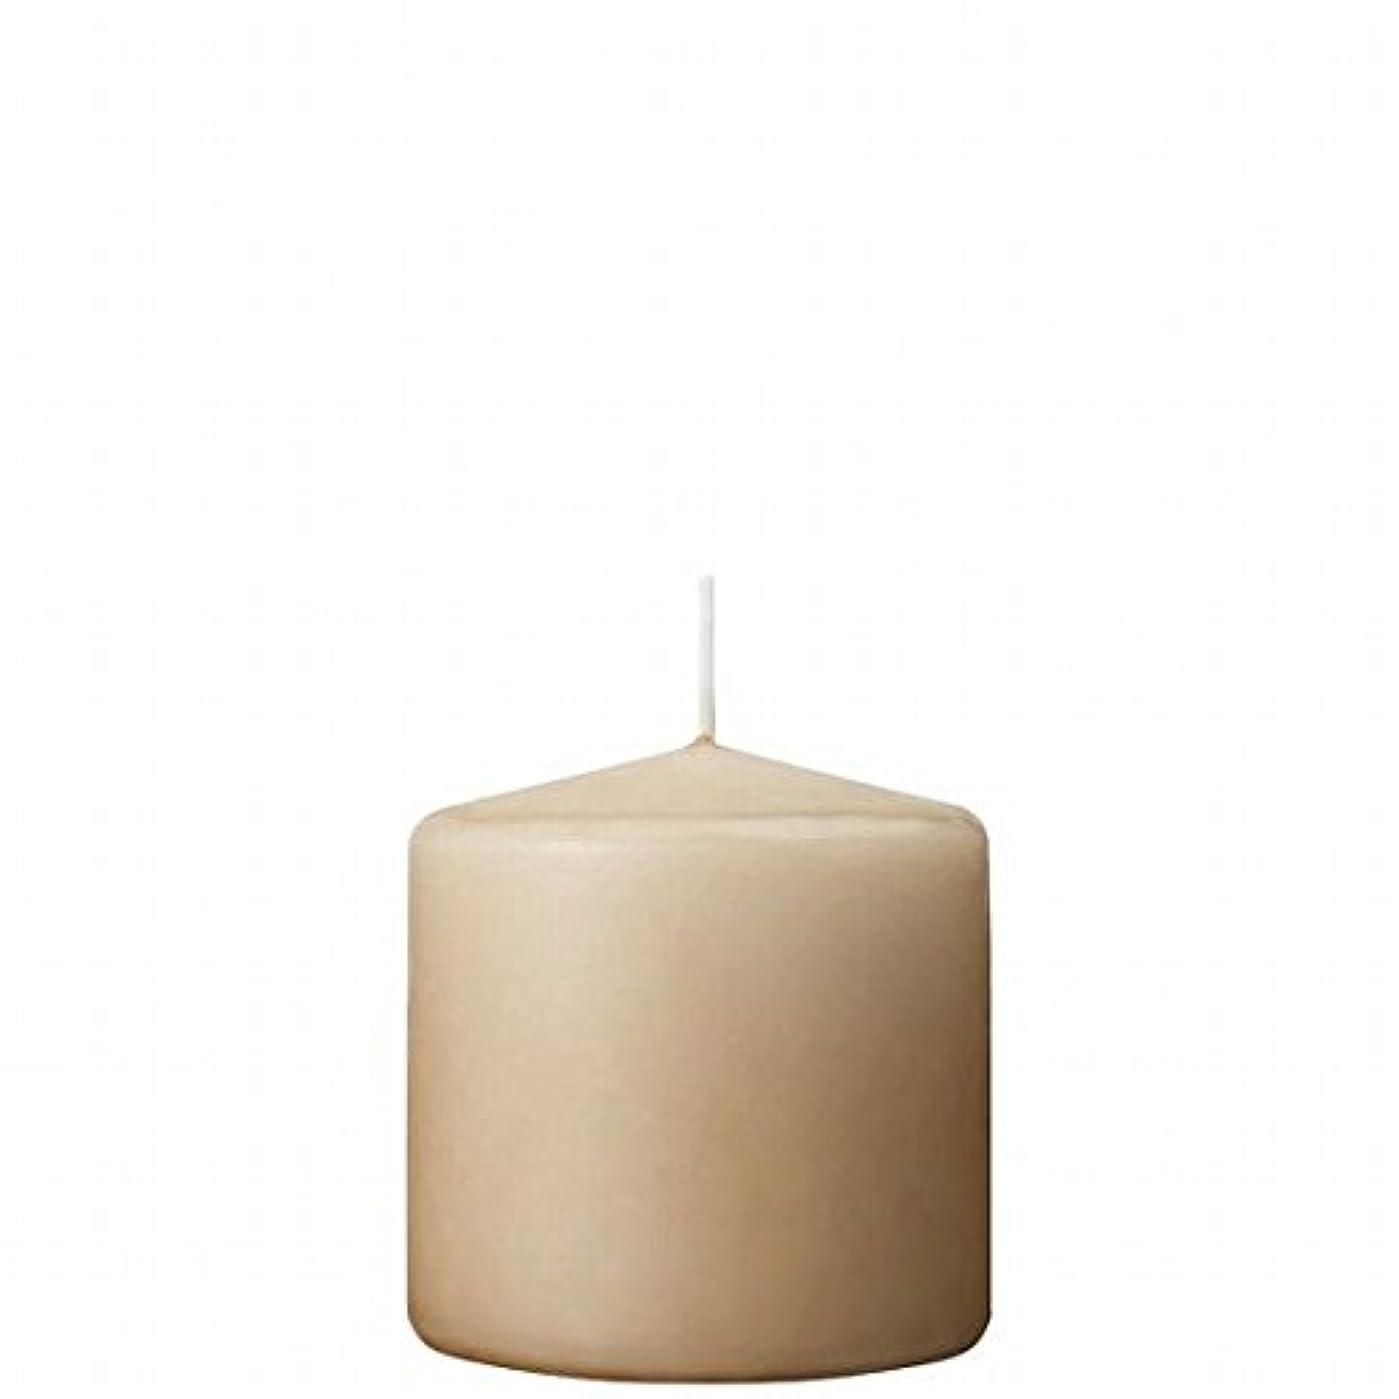 必要賃金そしてkameyama candle(カメヤマキャンドル) 3×3ベルトップピラーキャンドル 「 ベージュ 」(A9730000BG)